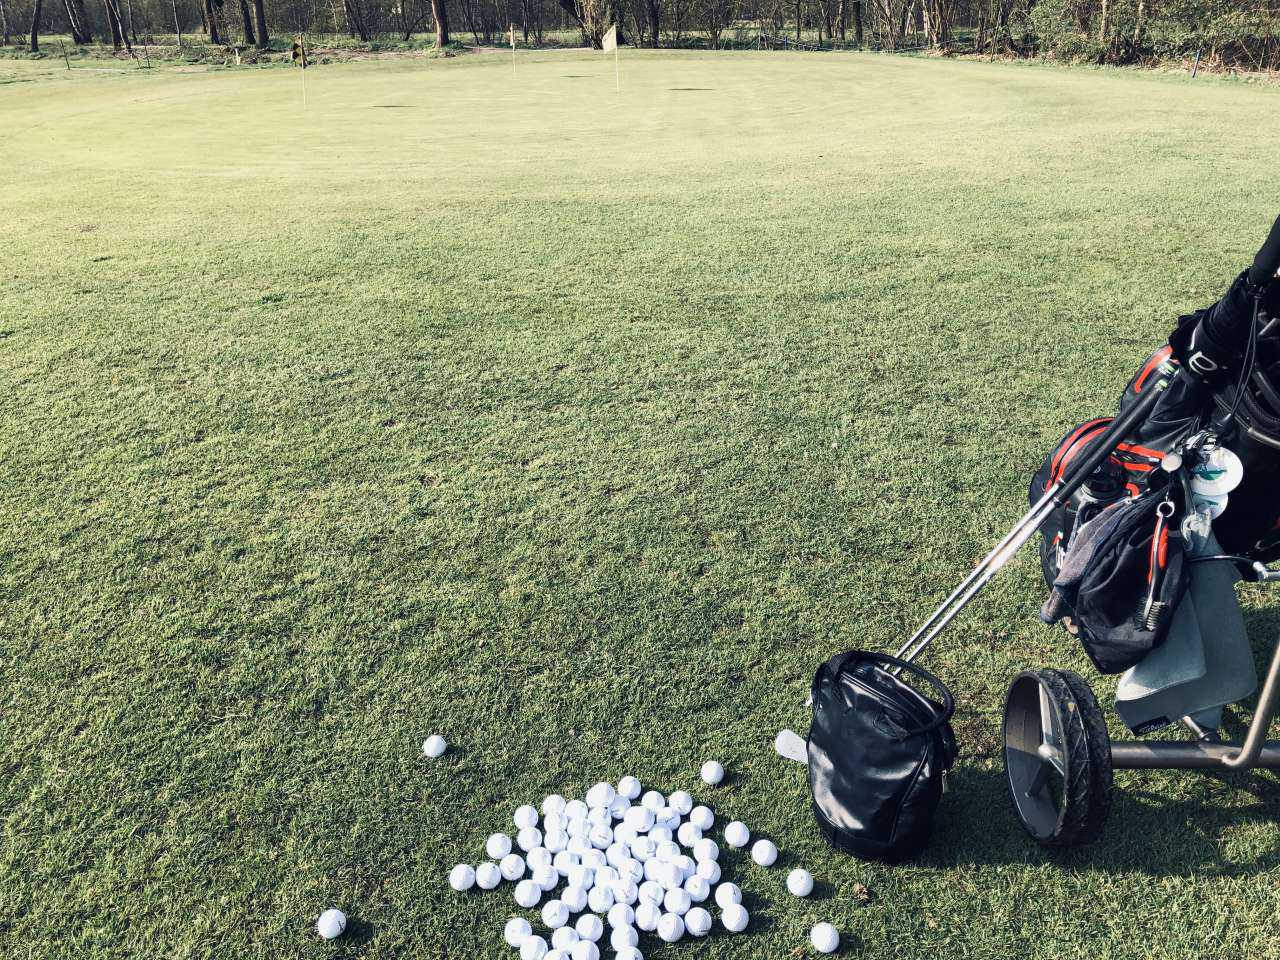 Golfbälle auf grünem Rasen